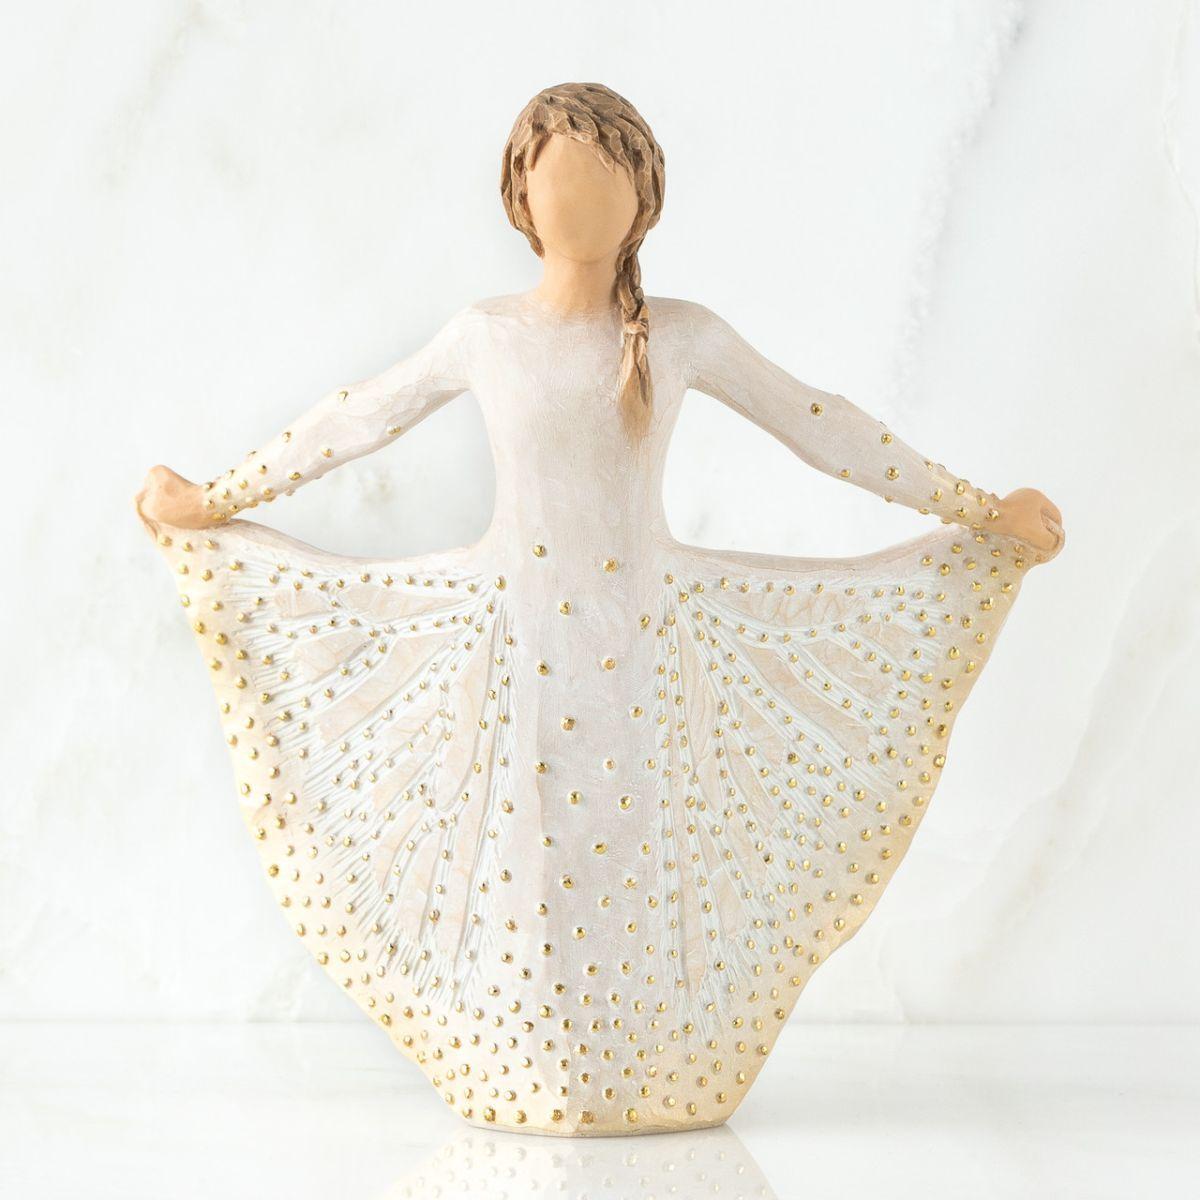 ウィローツリー彫像 【Butterfly】 - 蝶々